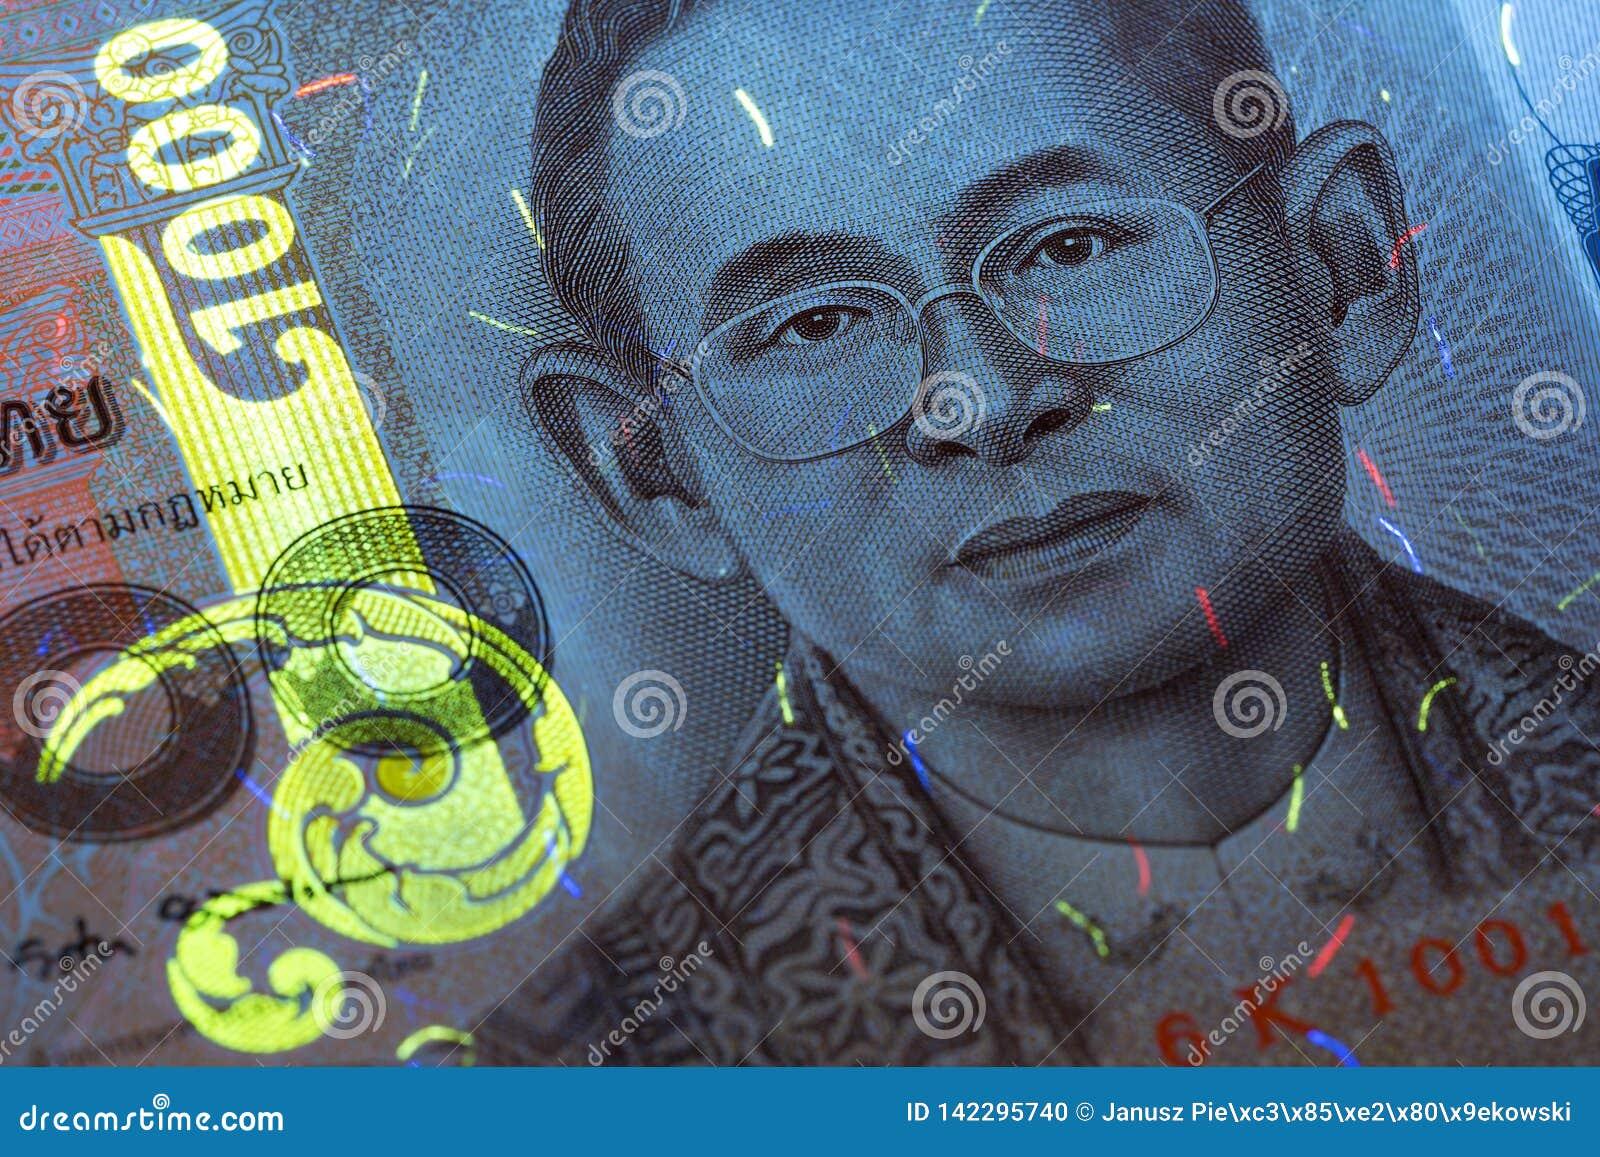 Dinero de Tailandia en rayos ULTRAVIOLETA